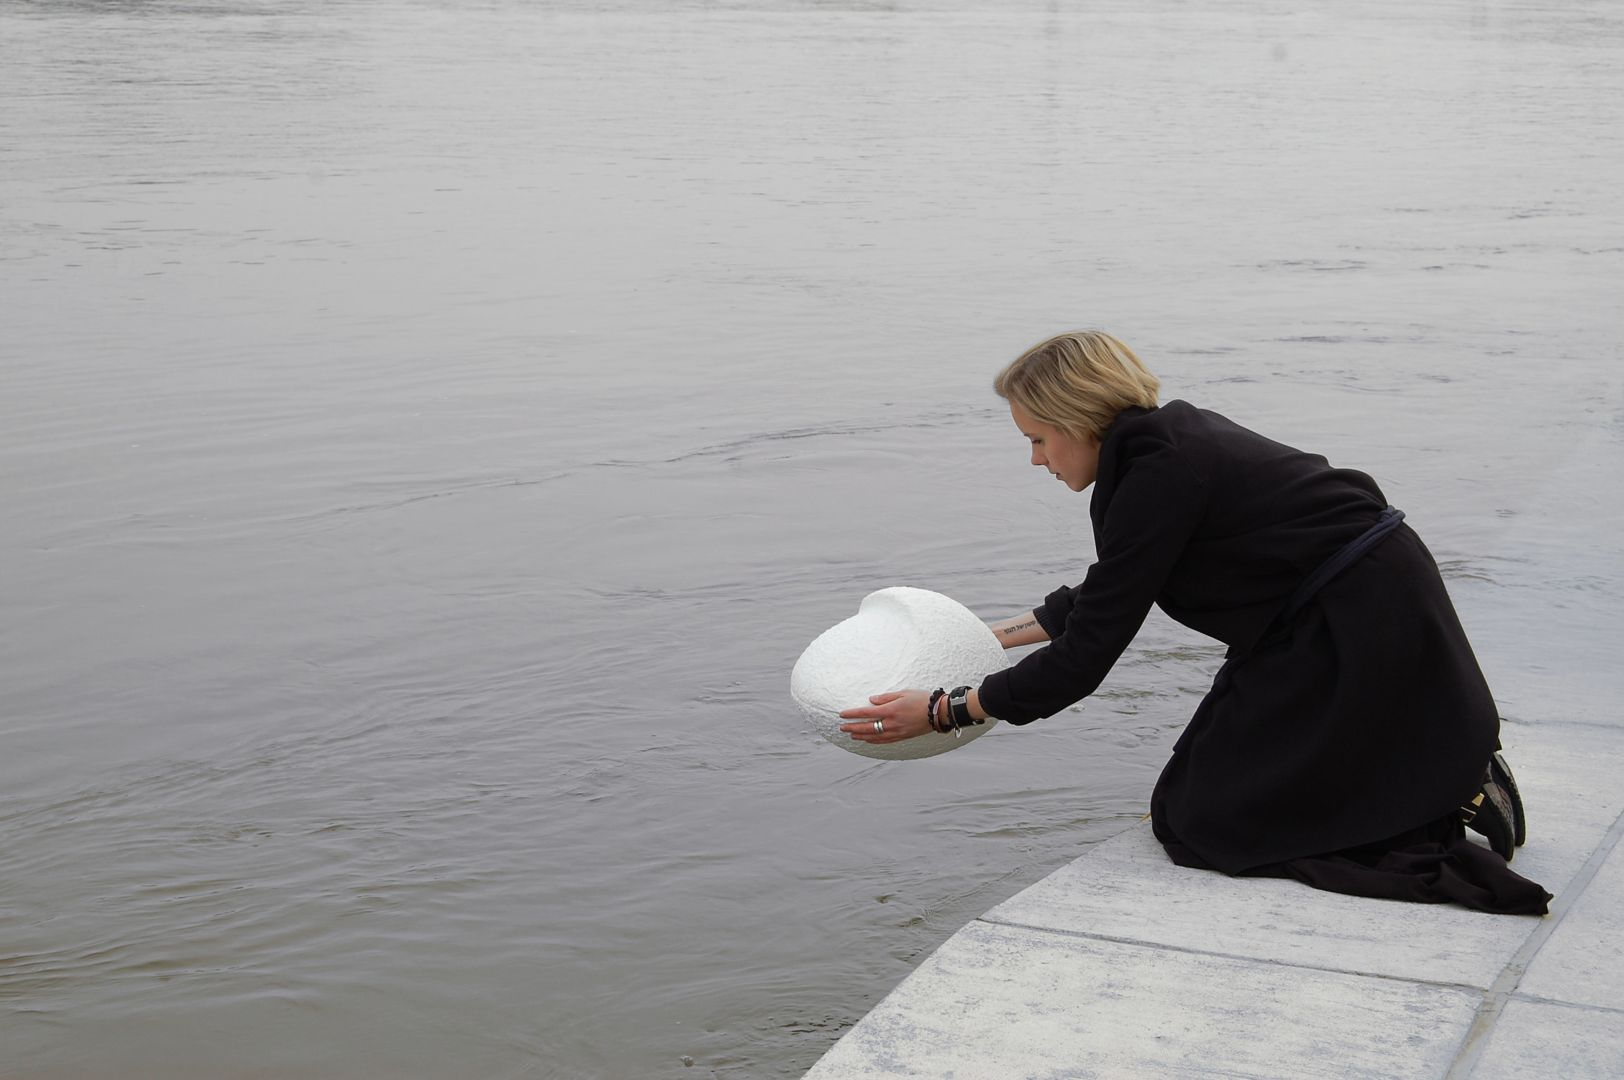 Kami to projekt biodegradowalnej urny wraz z nową ceremonią pochówku na morzu w nawiązaniu do tradycji słowiańskich z wykorzystaniem surowców i technologii lokalnych. Projekt dla NURN